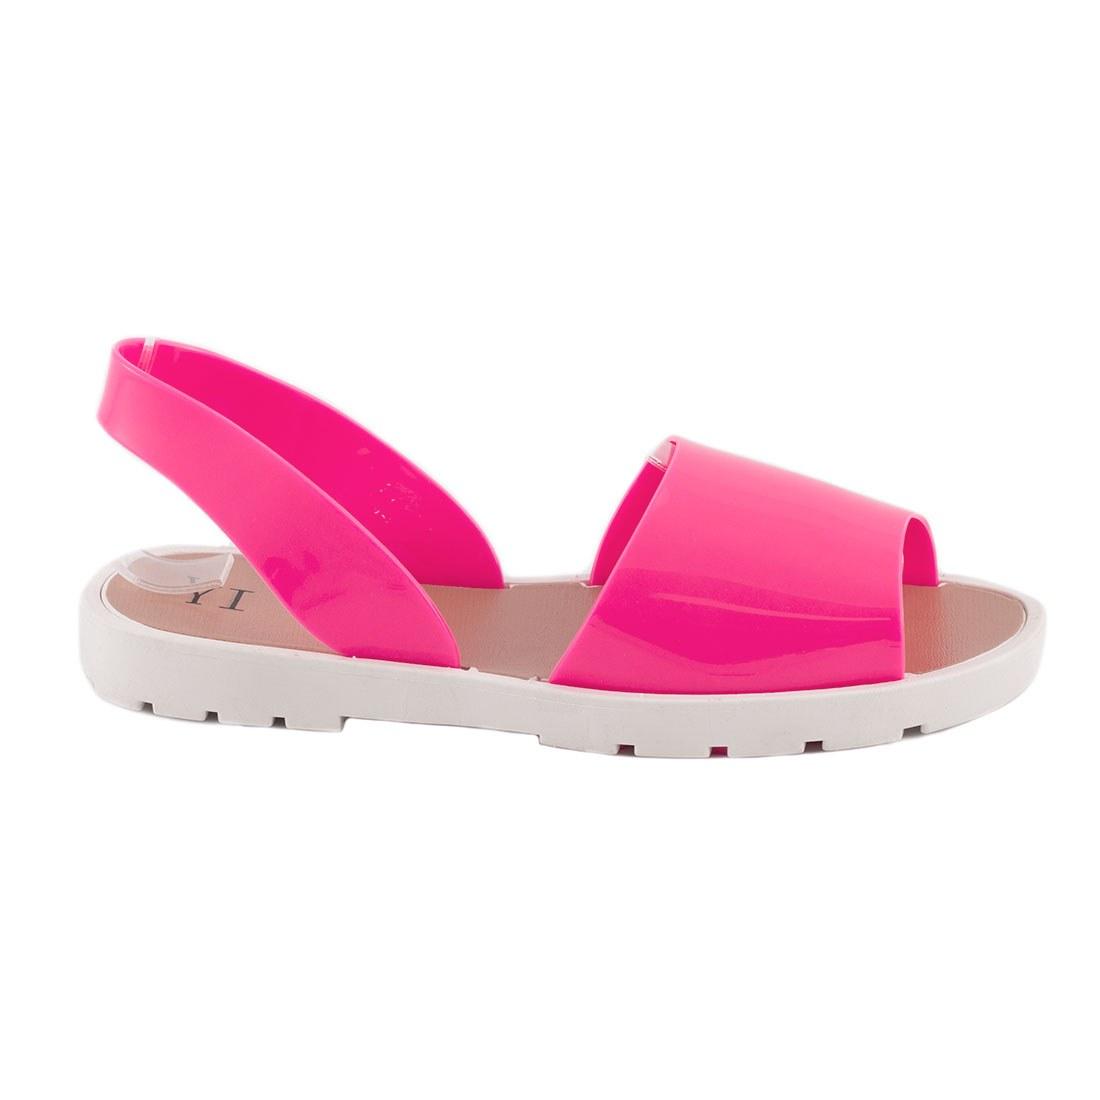 Sandale dama comode S-14-FUCSIA